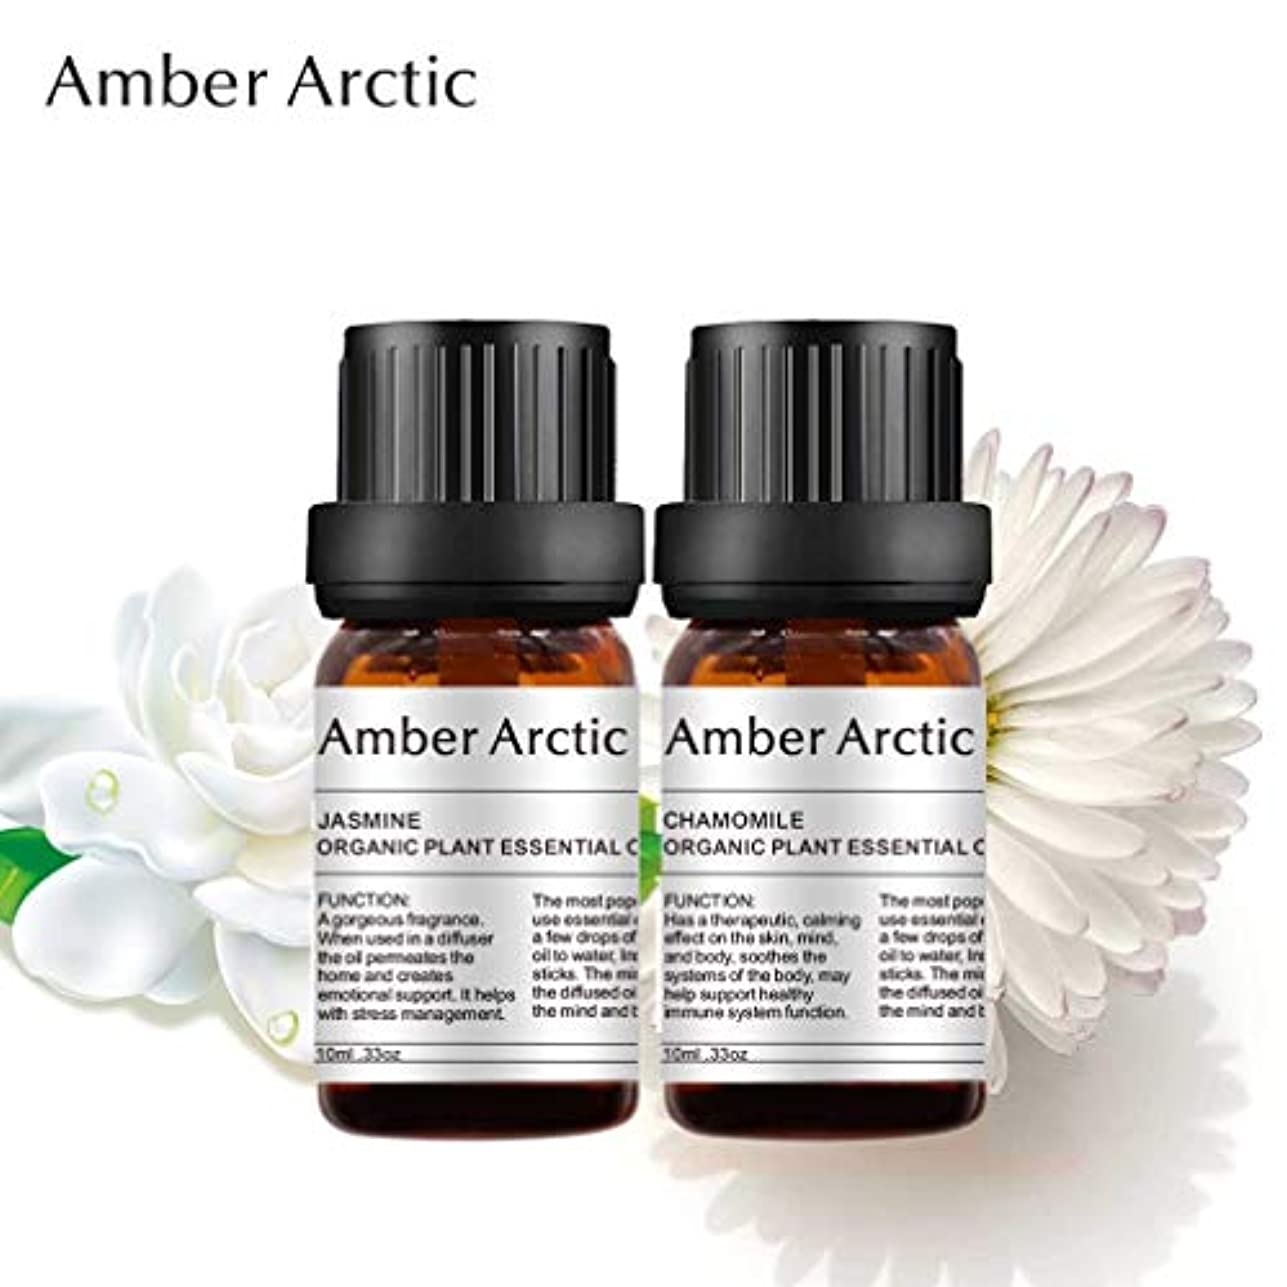 吸収する撃退するパパAmber Arctic カモミール ジャスミン 精油 セット、 ディフューザ 2×10 ミリリットル 100% 純粋 天然 アロマ エッセンシャル オイル